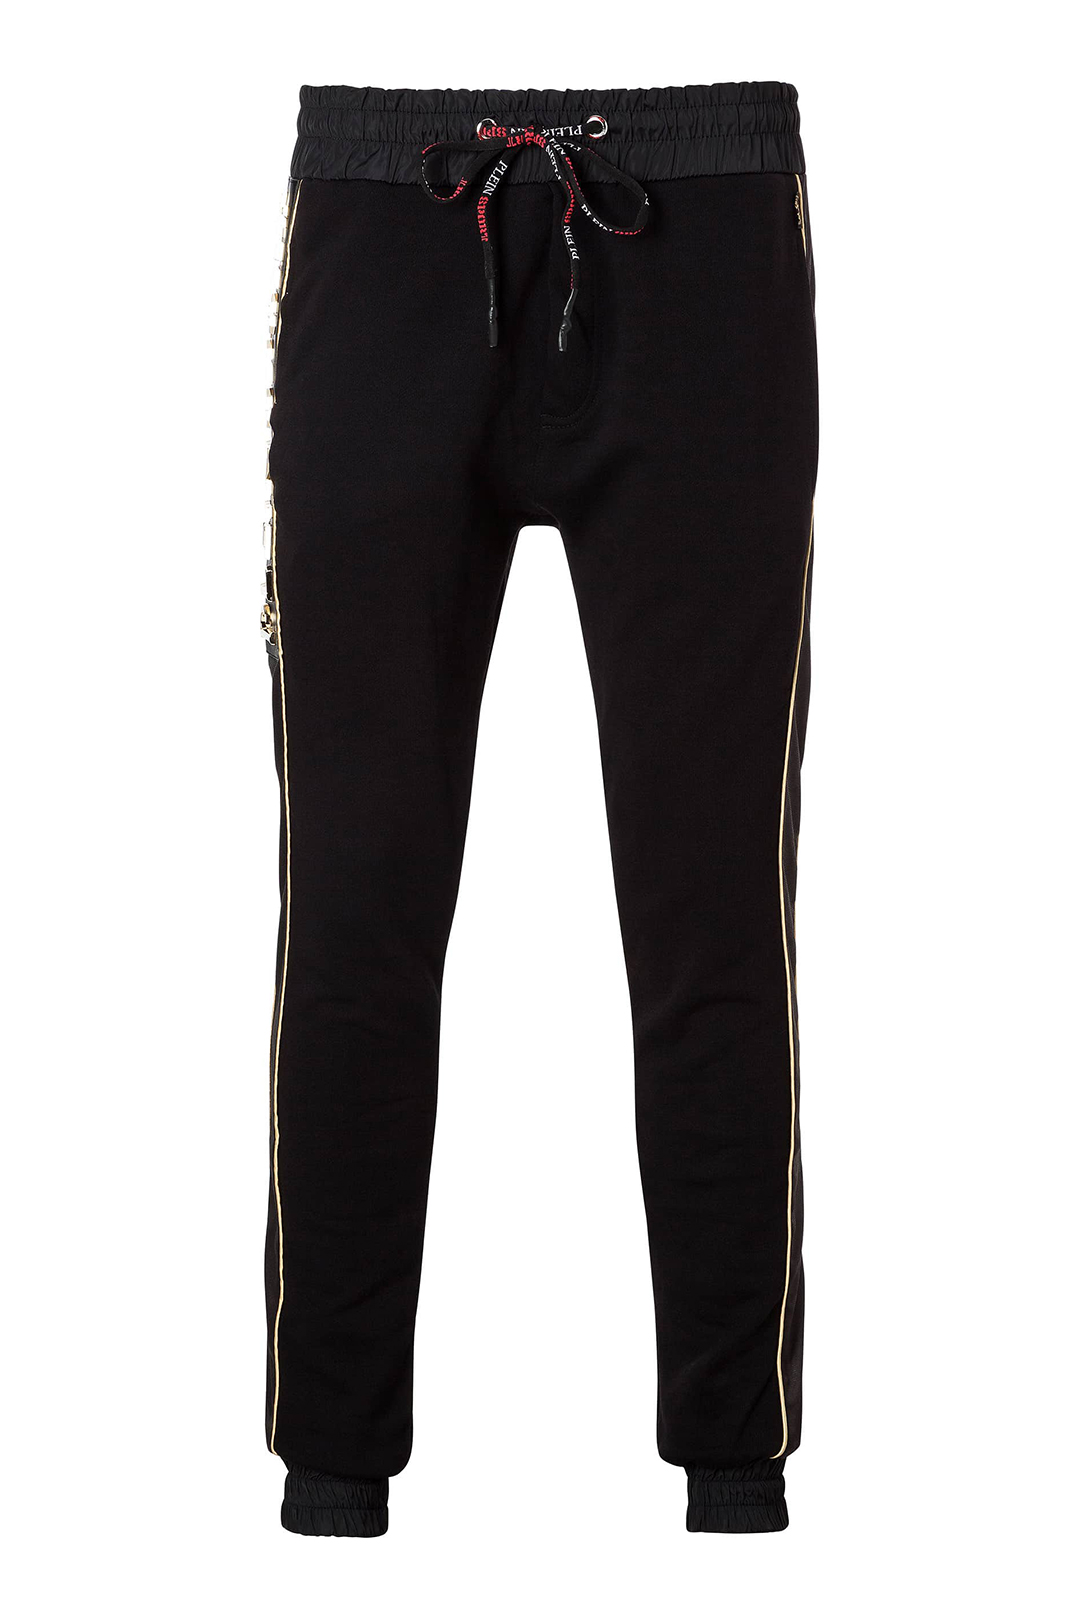 Pantalons sport/streetwear  Plein Sport F17C MJT0144 02L BLACK GOLD